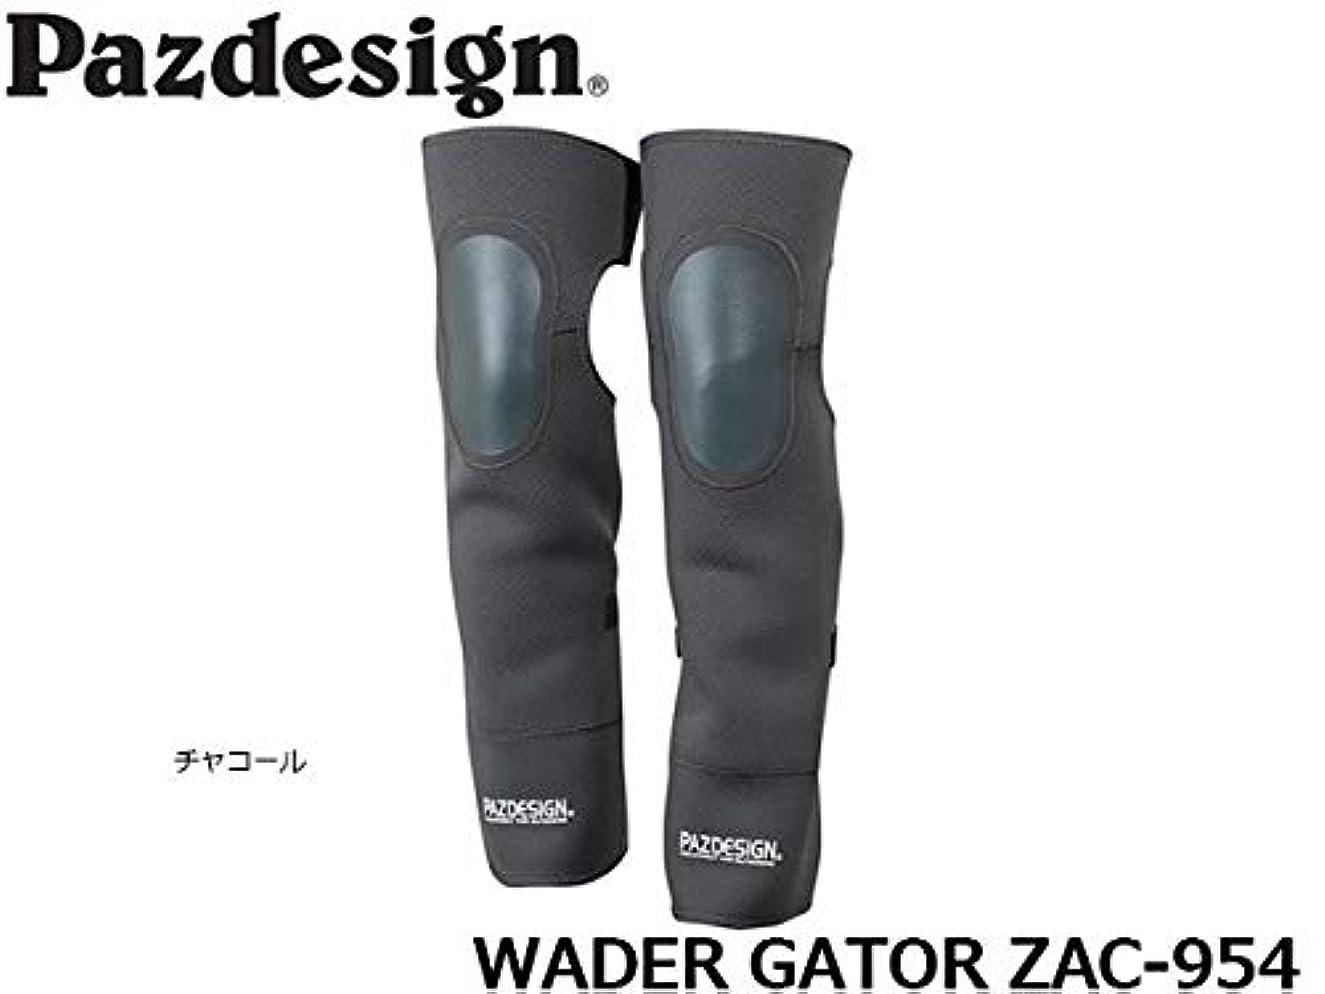 流暢ペイン電圧パズデザイン PAZDESIGN ウェーダーゲーター ZAC-954 チャコール フリー